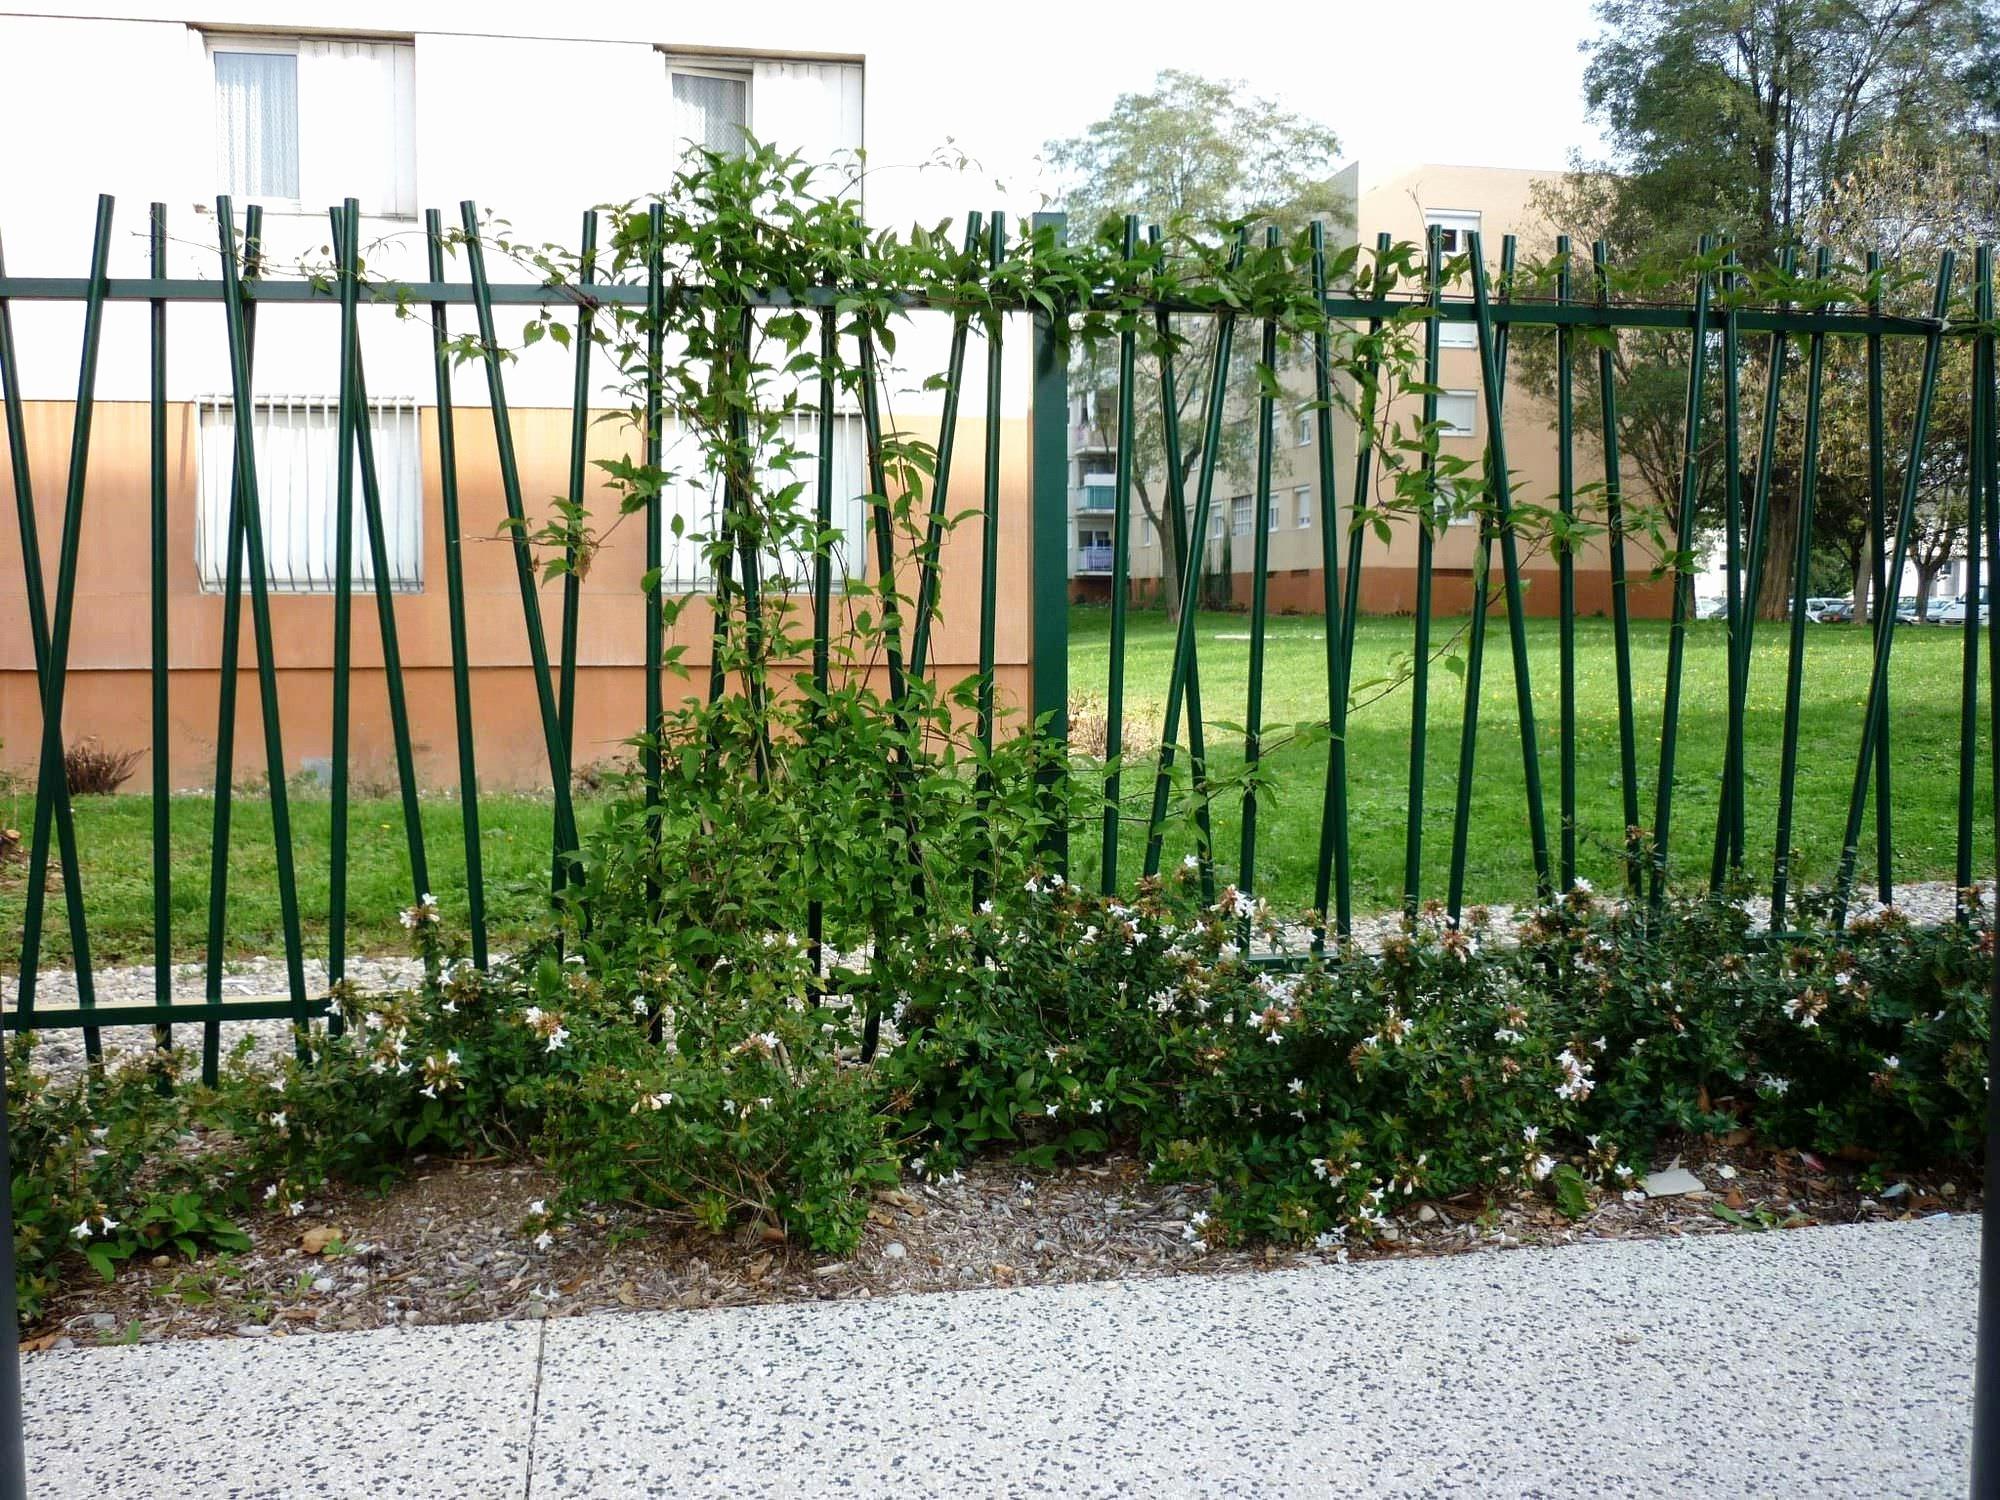 Cloture Moderne Pas Cher Frais Images Abri Jardin Bois Pas Cher De Luxe Moderne Cabane De Jardin originale